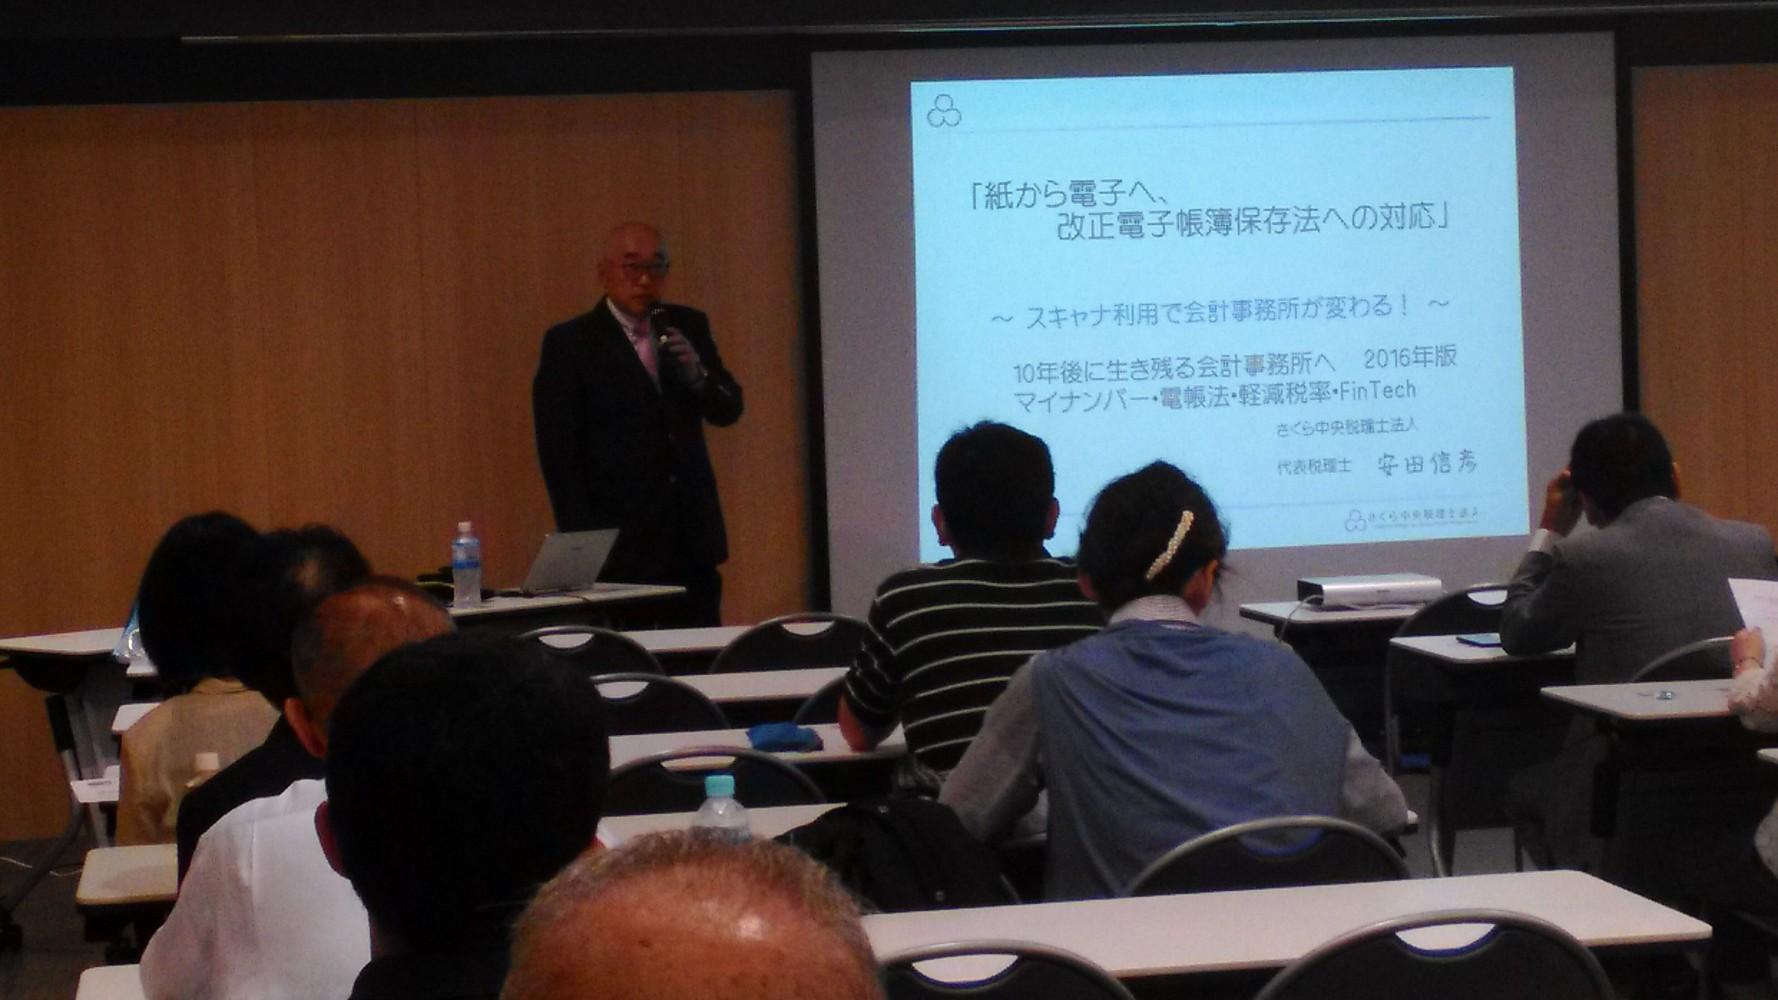 講演報告@東京税理士会練馬東支部様